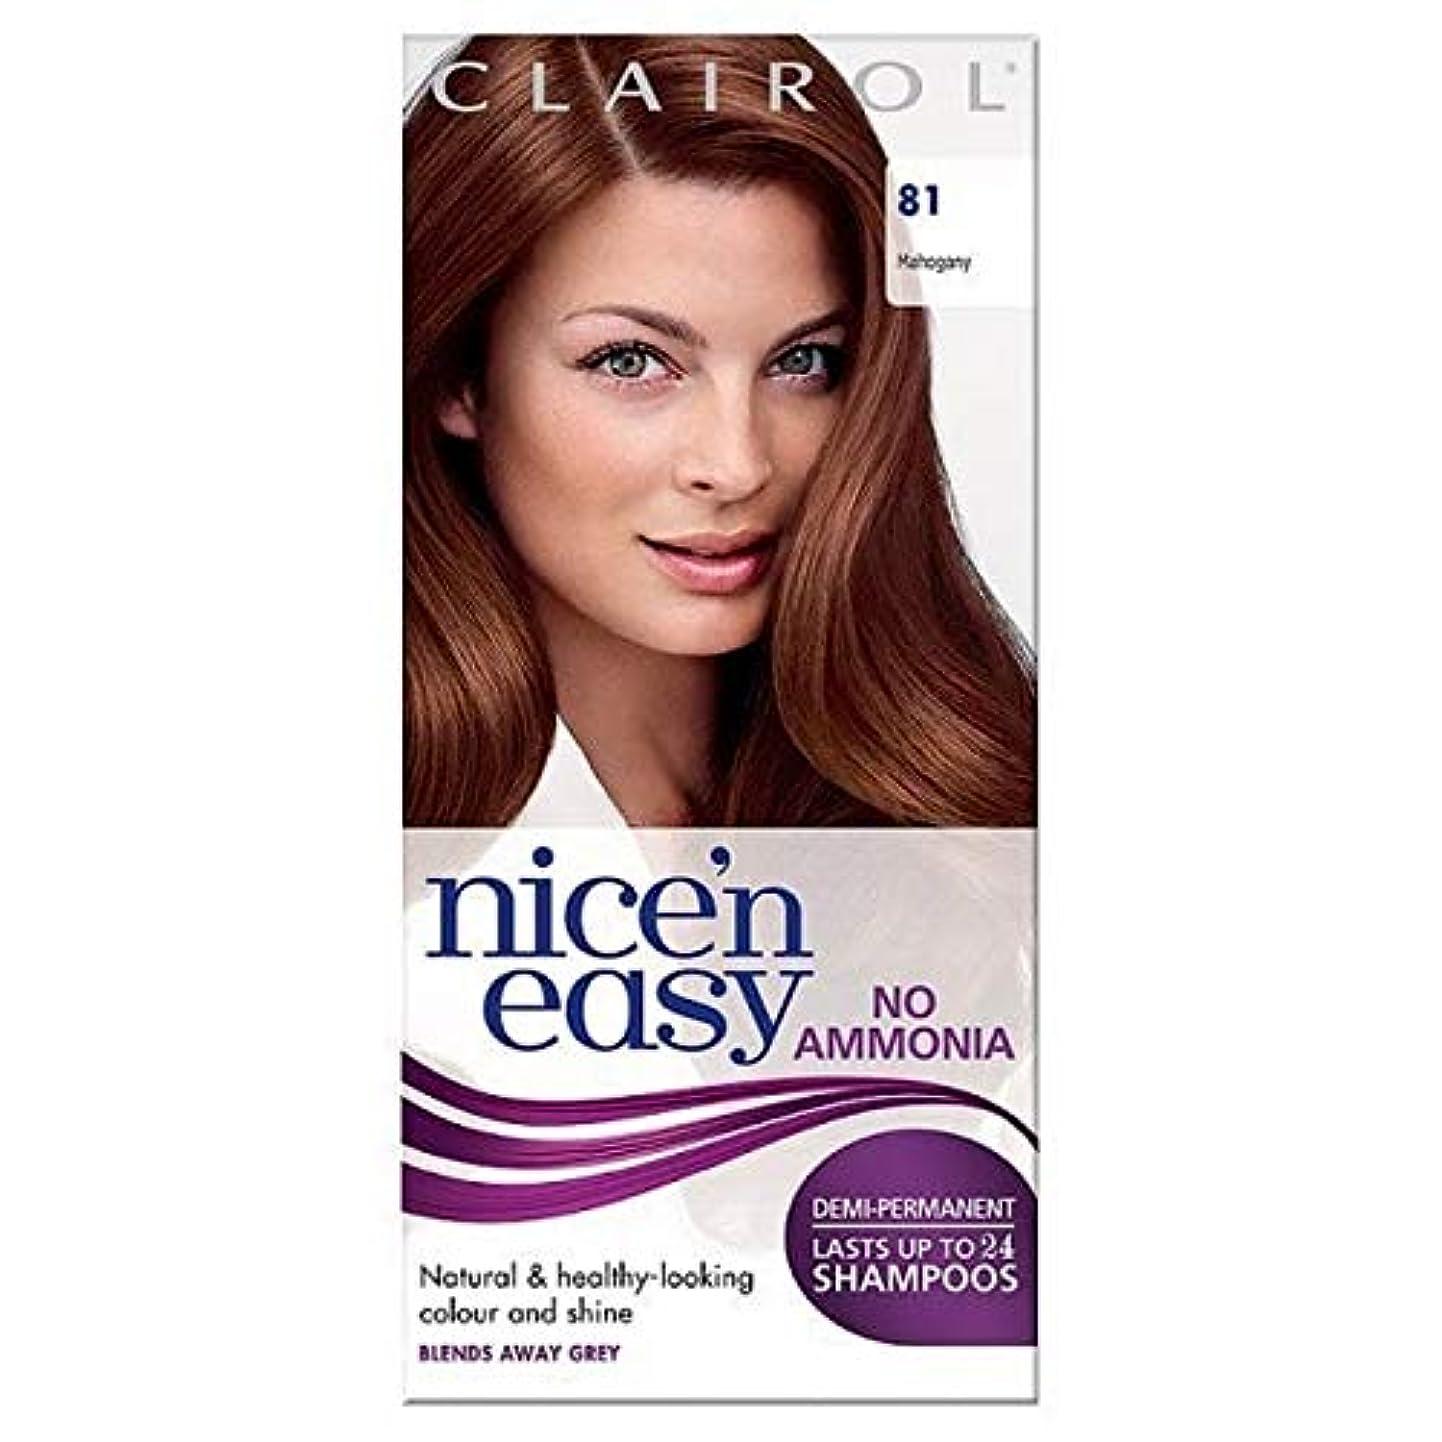 強大な中級ウォルターカニンガム[Nice'n Easy] Nice'N簡単に何のアンモニアの染毛剤マホガニーません81 - Nice'n Easy No Ammonia Hair Dye Mahogany 81 [並行輸入品]